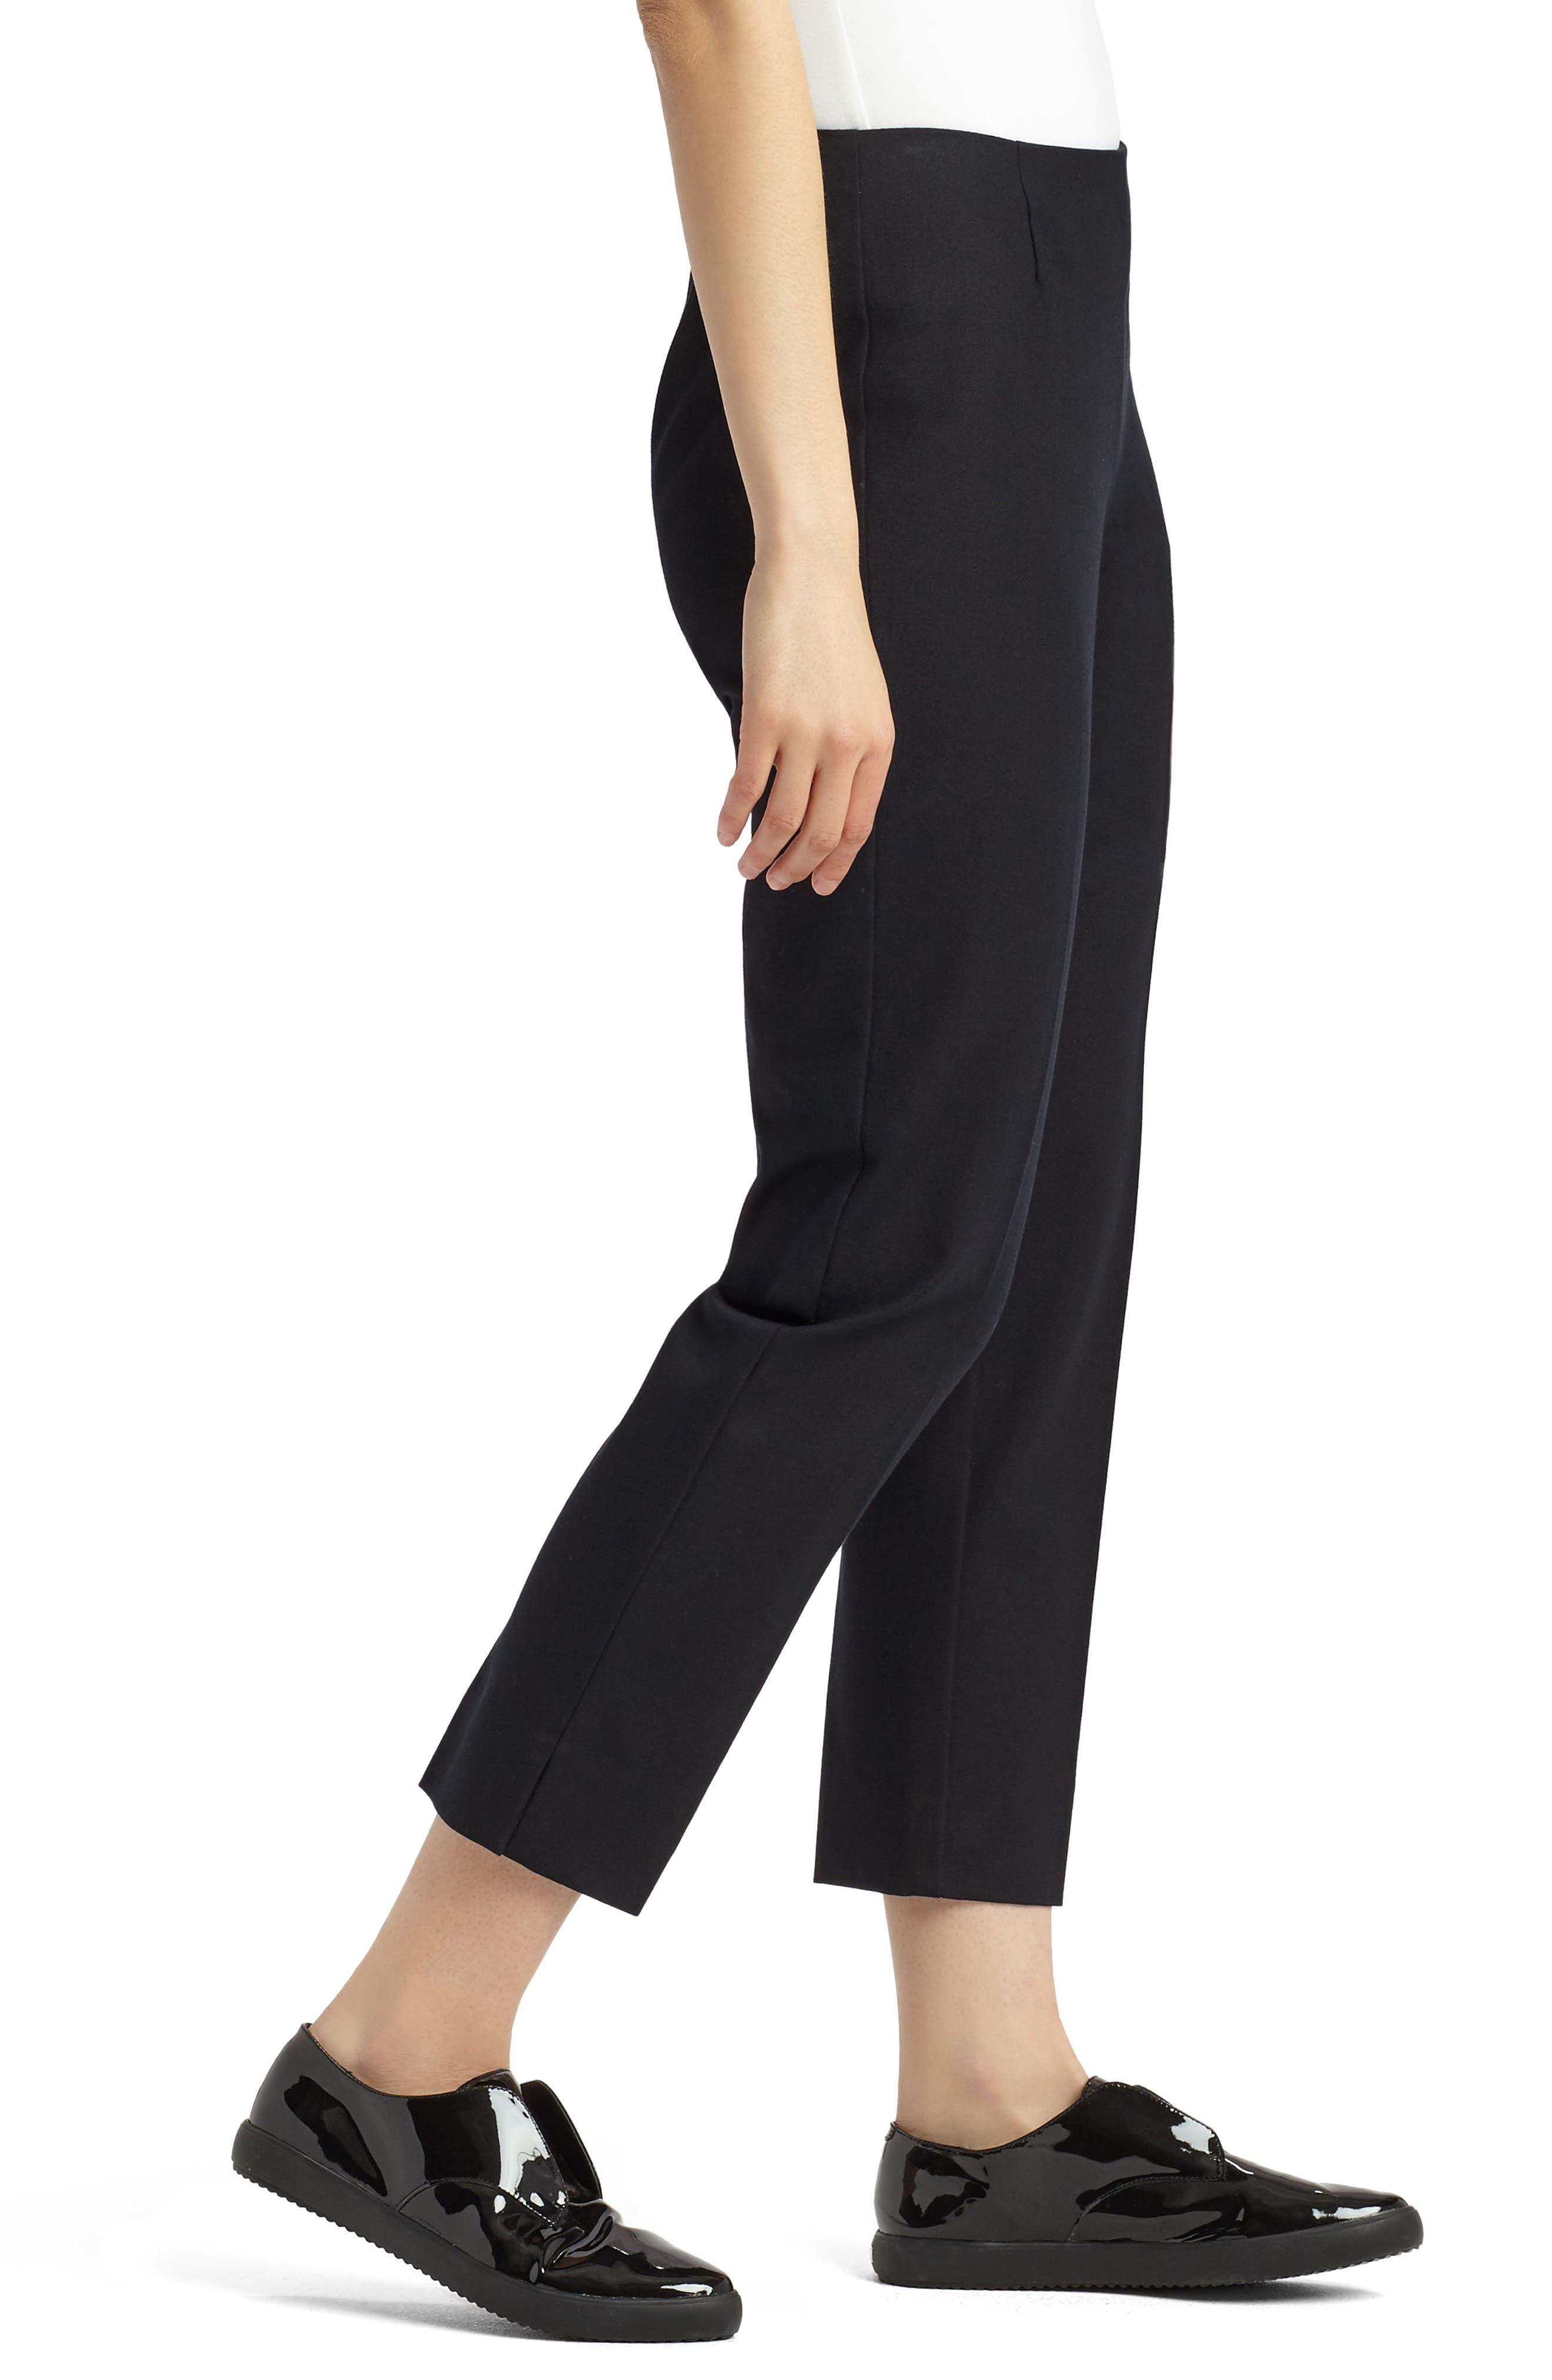 LAFAYETTE 148 NEW YORK, Lexington Stretch Cotton Crop Pants, Alternate thumbnail 3, color, BLACK